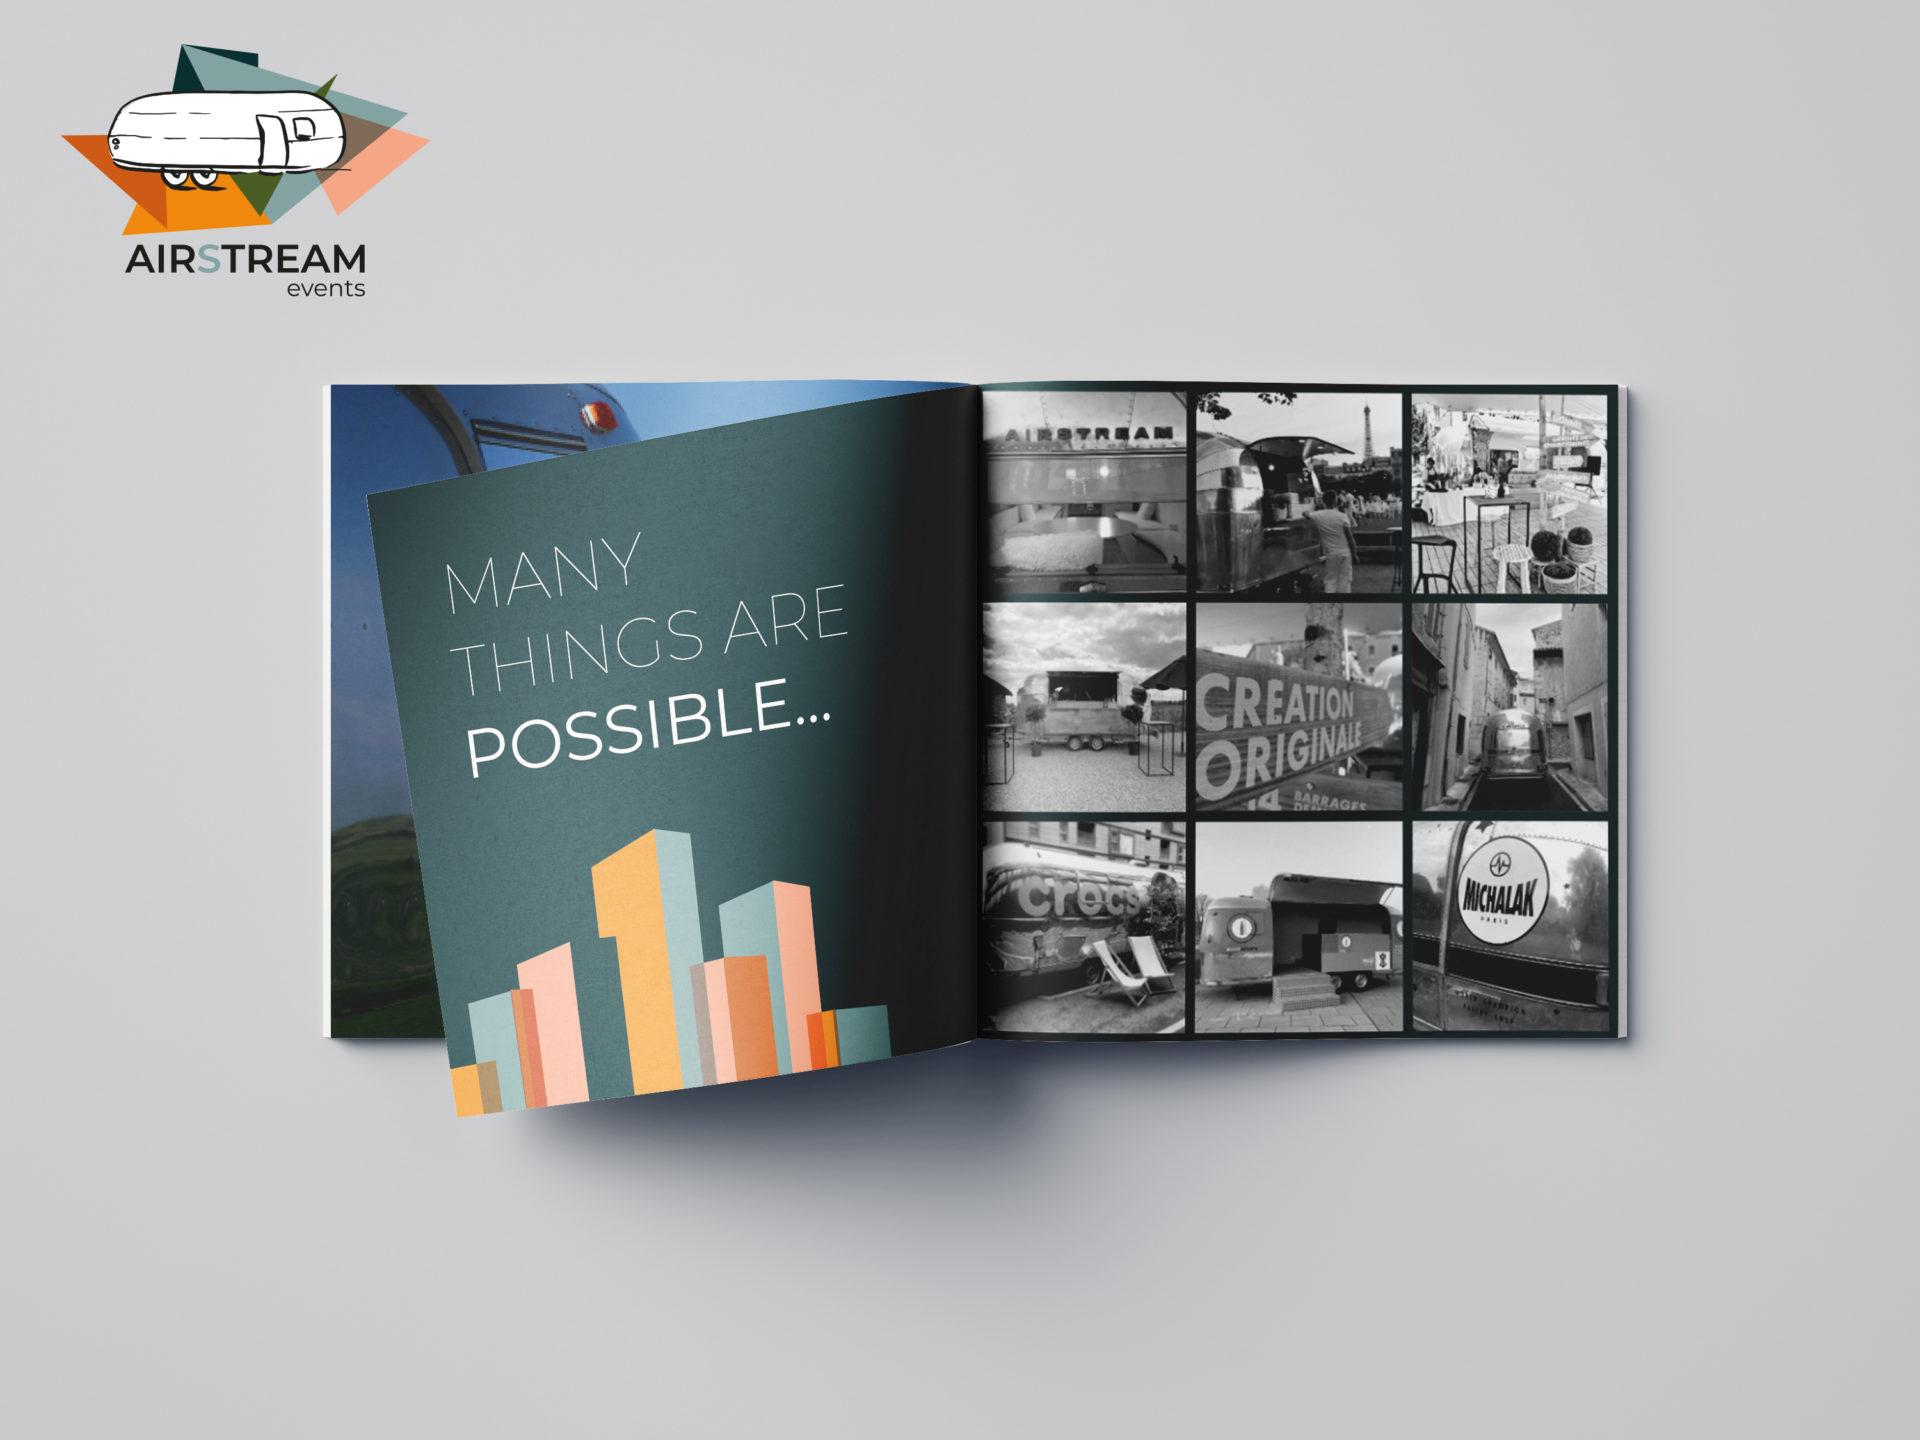 Airstream Events : Modernisation du logo / création d'une brochure / Carte de visite / flyer / fiches techniques / fiches tarifs